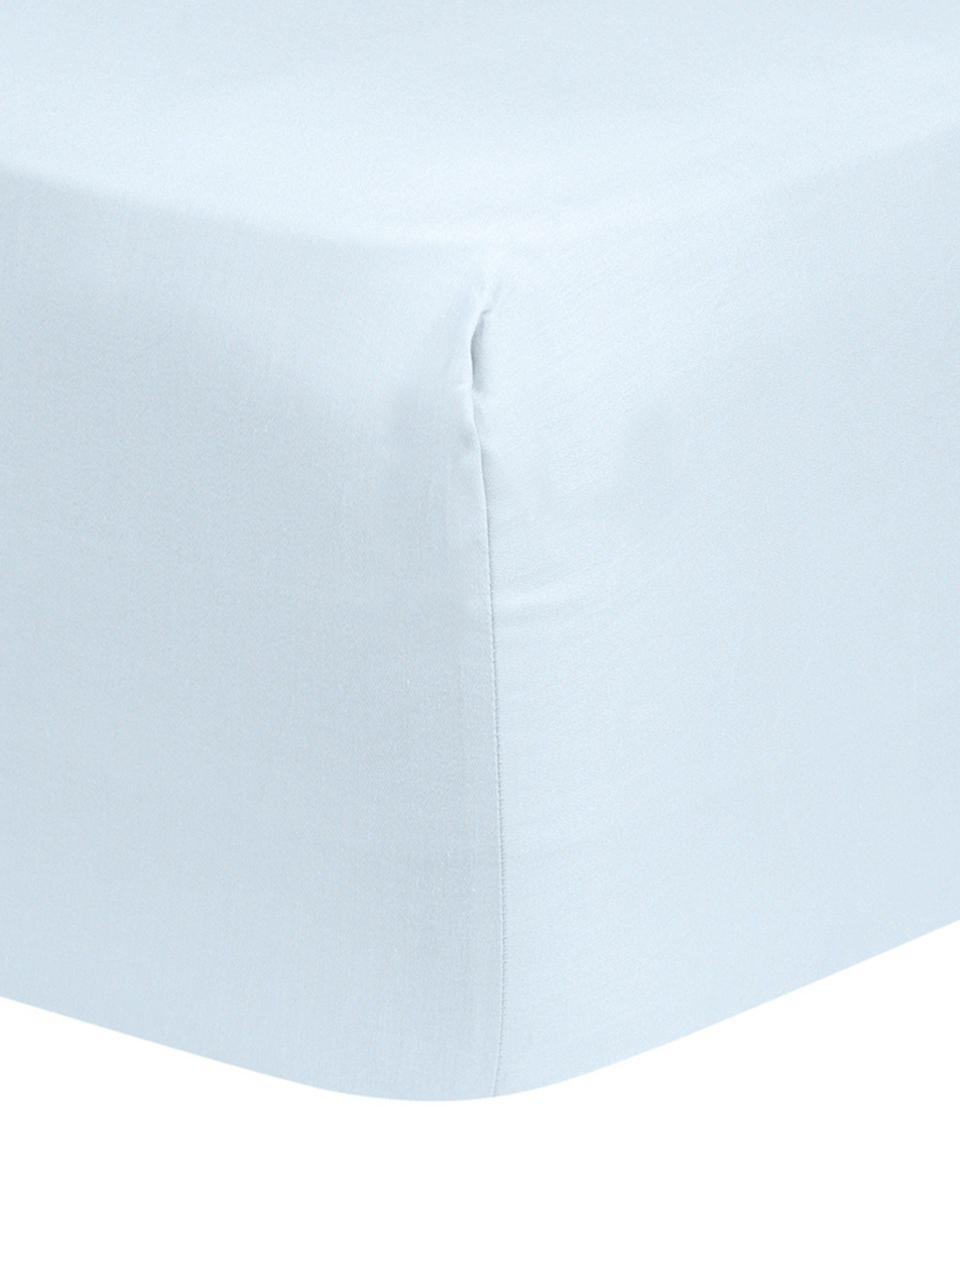 Spannbettlaken Comfort in Hellblau, Baumwollsatin, Webart: Satin, leicht glänzend, Hellblau, 180 x 200 cm